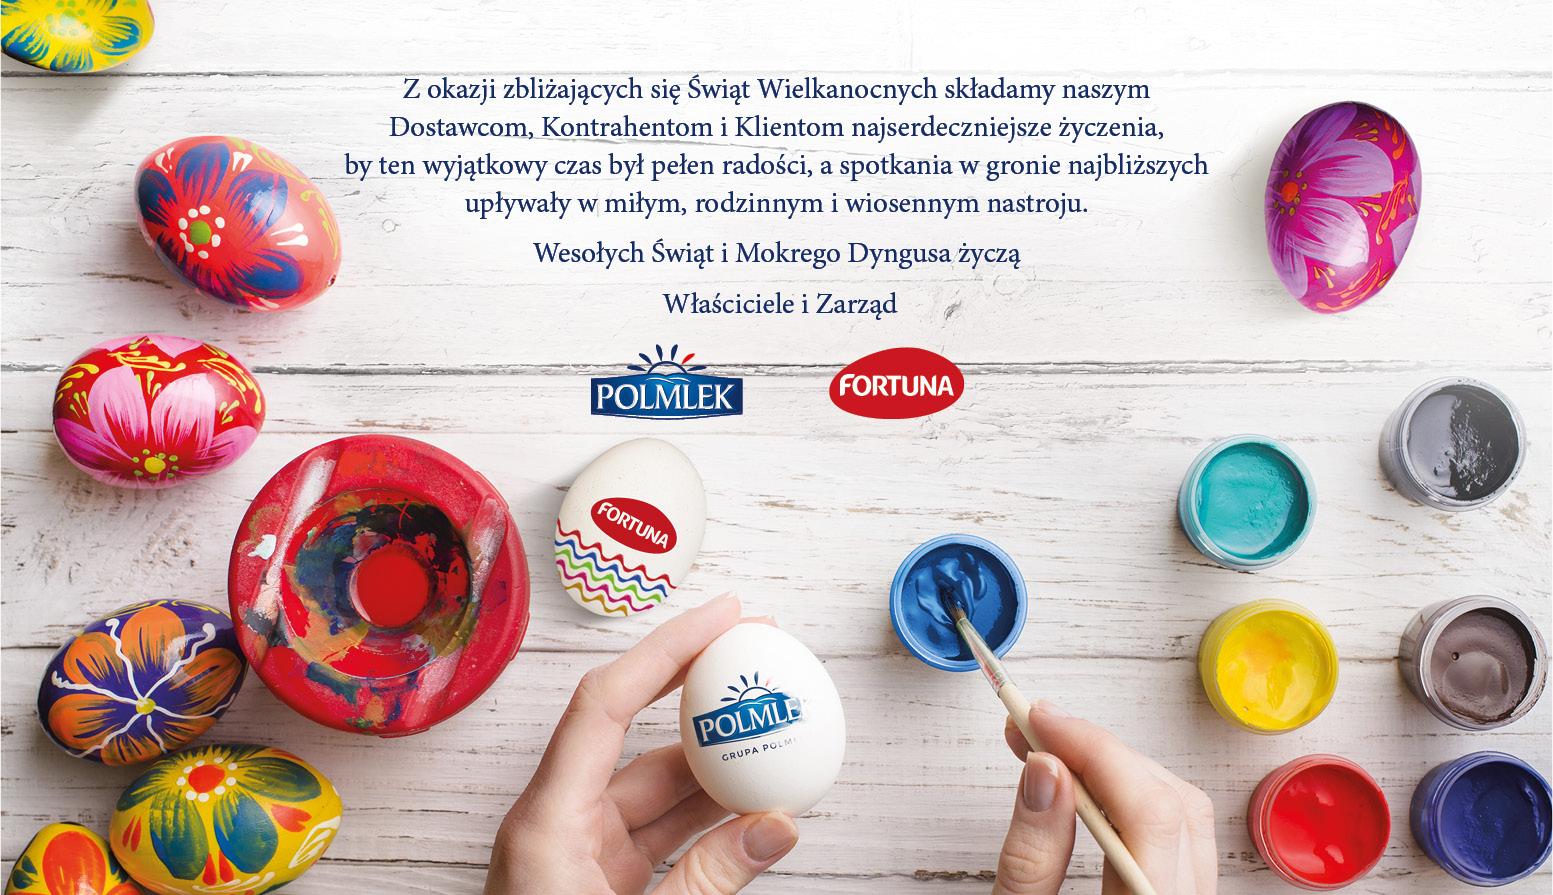 KARTKA_POLMLEK_263x151_6